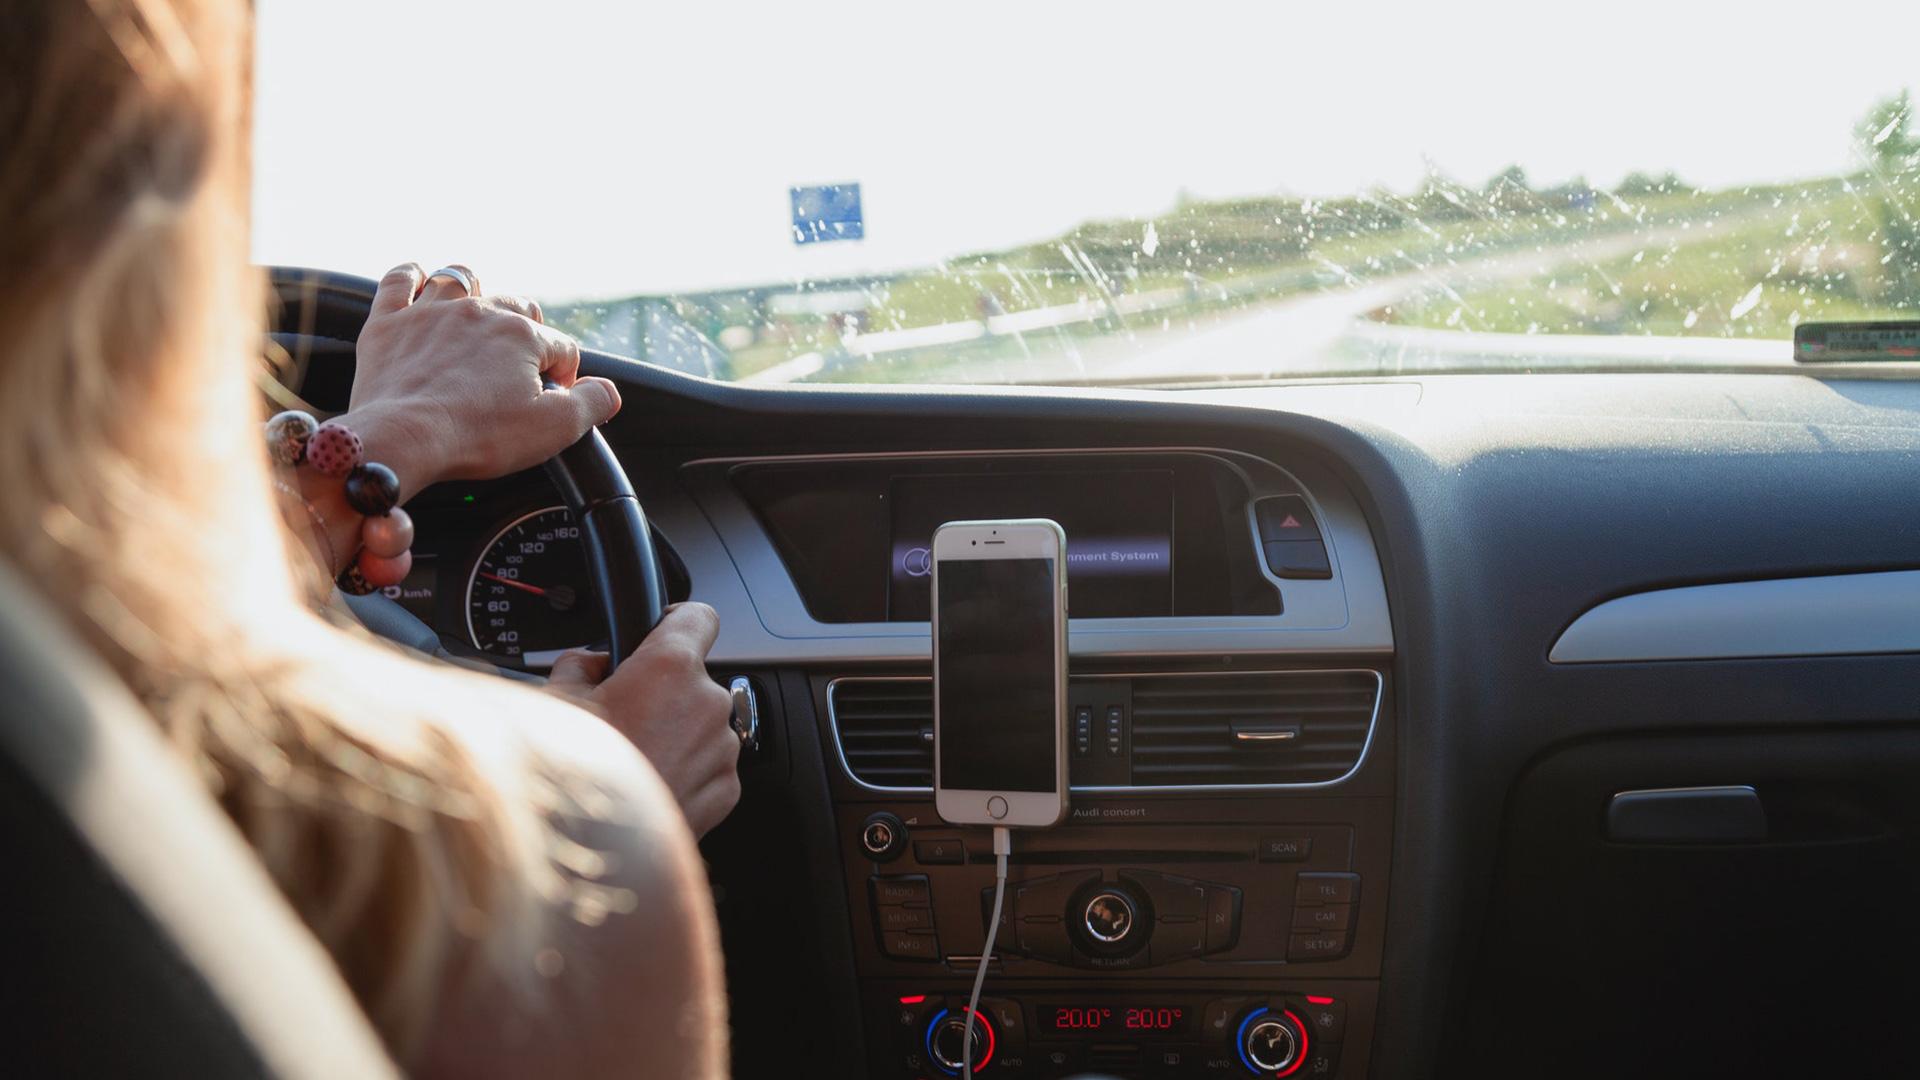 Pandēmijas laiks mainījis autovadītāju uzvedību Latvijā